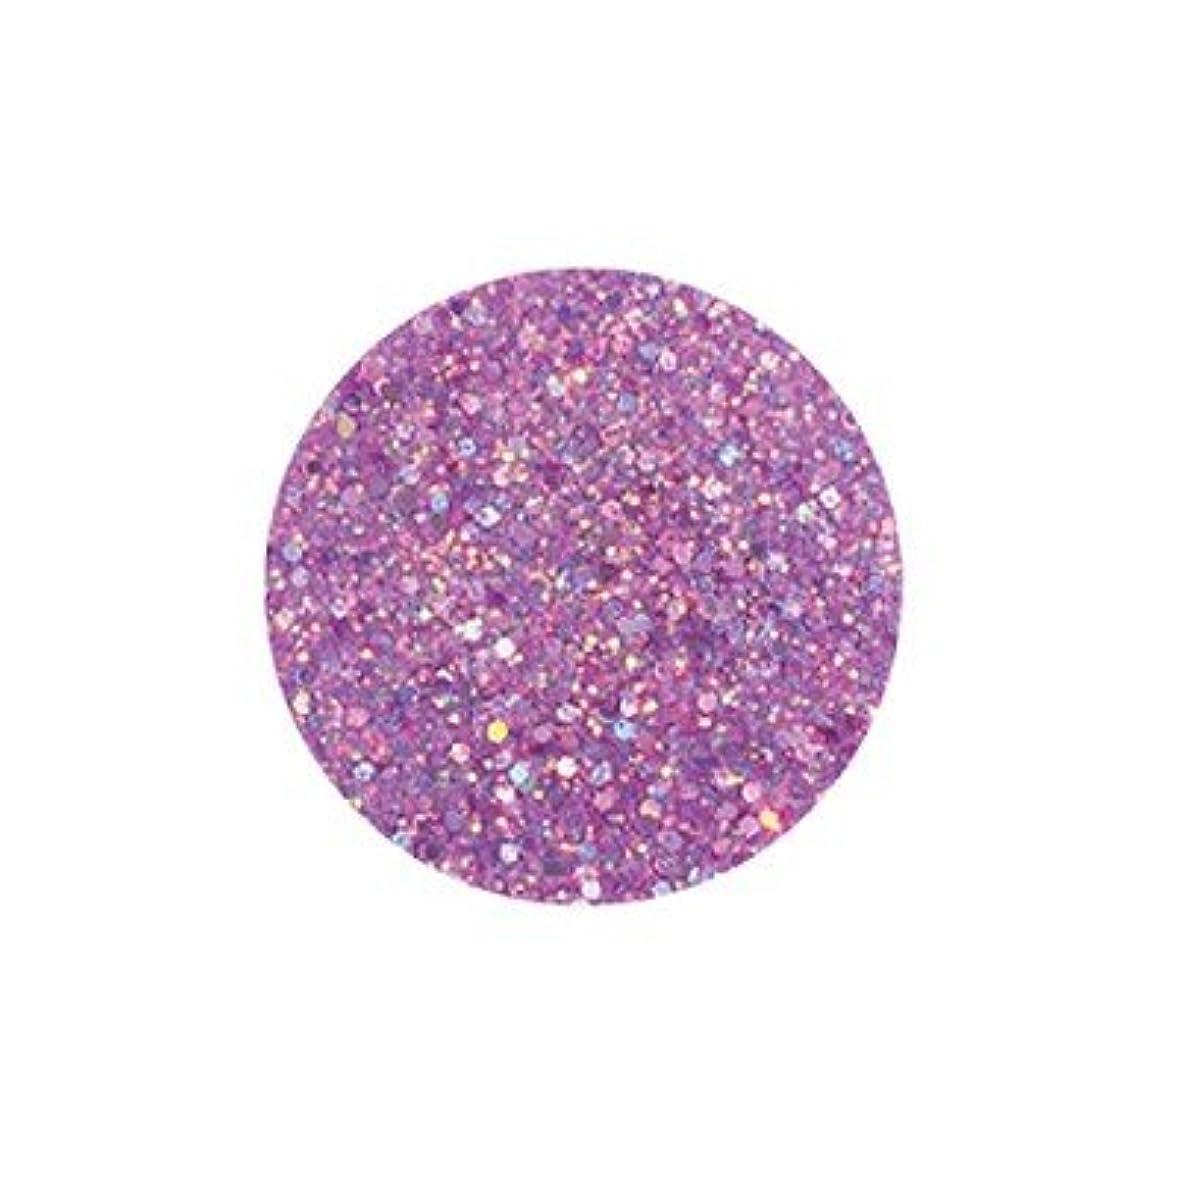 照らす加速する持続するFANTASY NAIL ダイヤモンドコレクション 3g 4258XS カラーパウダー アート材